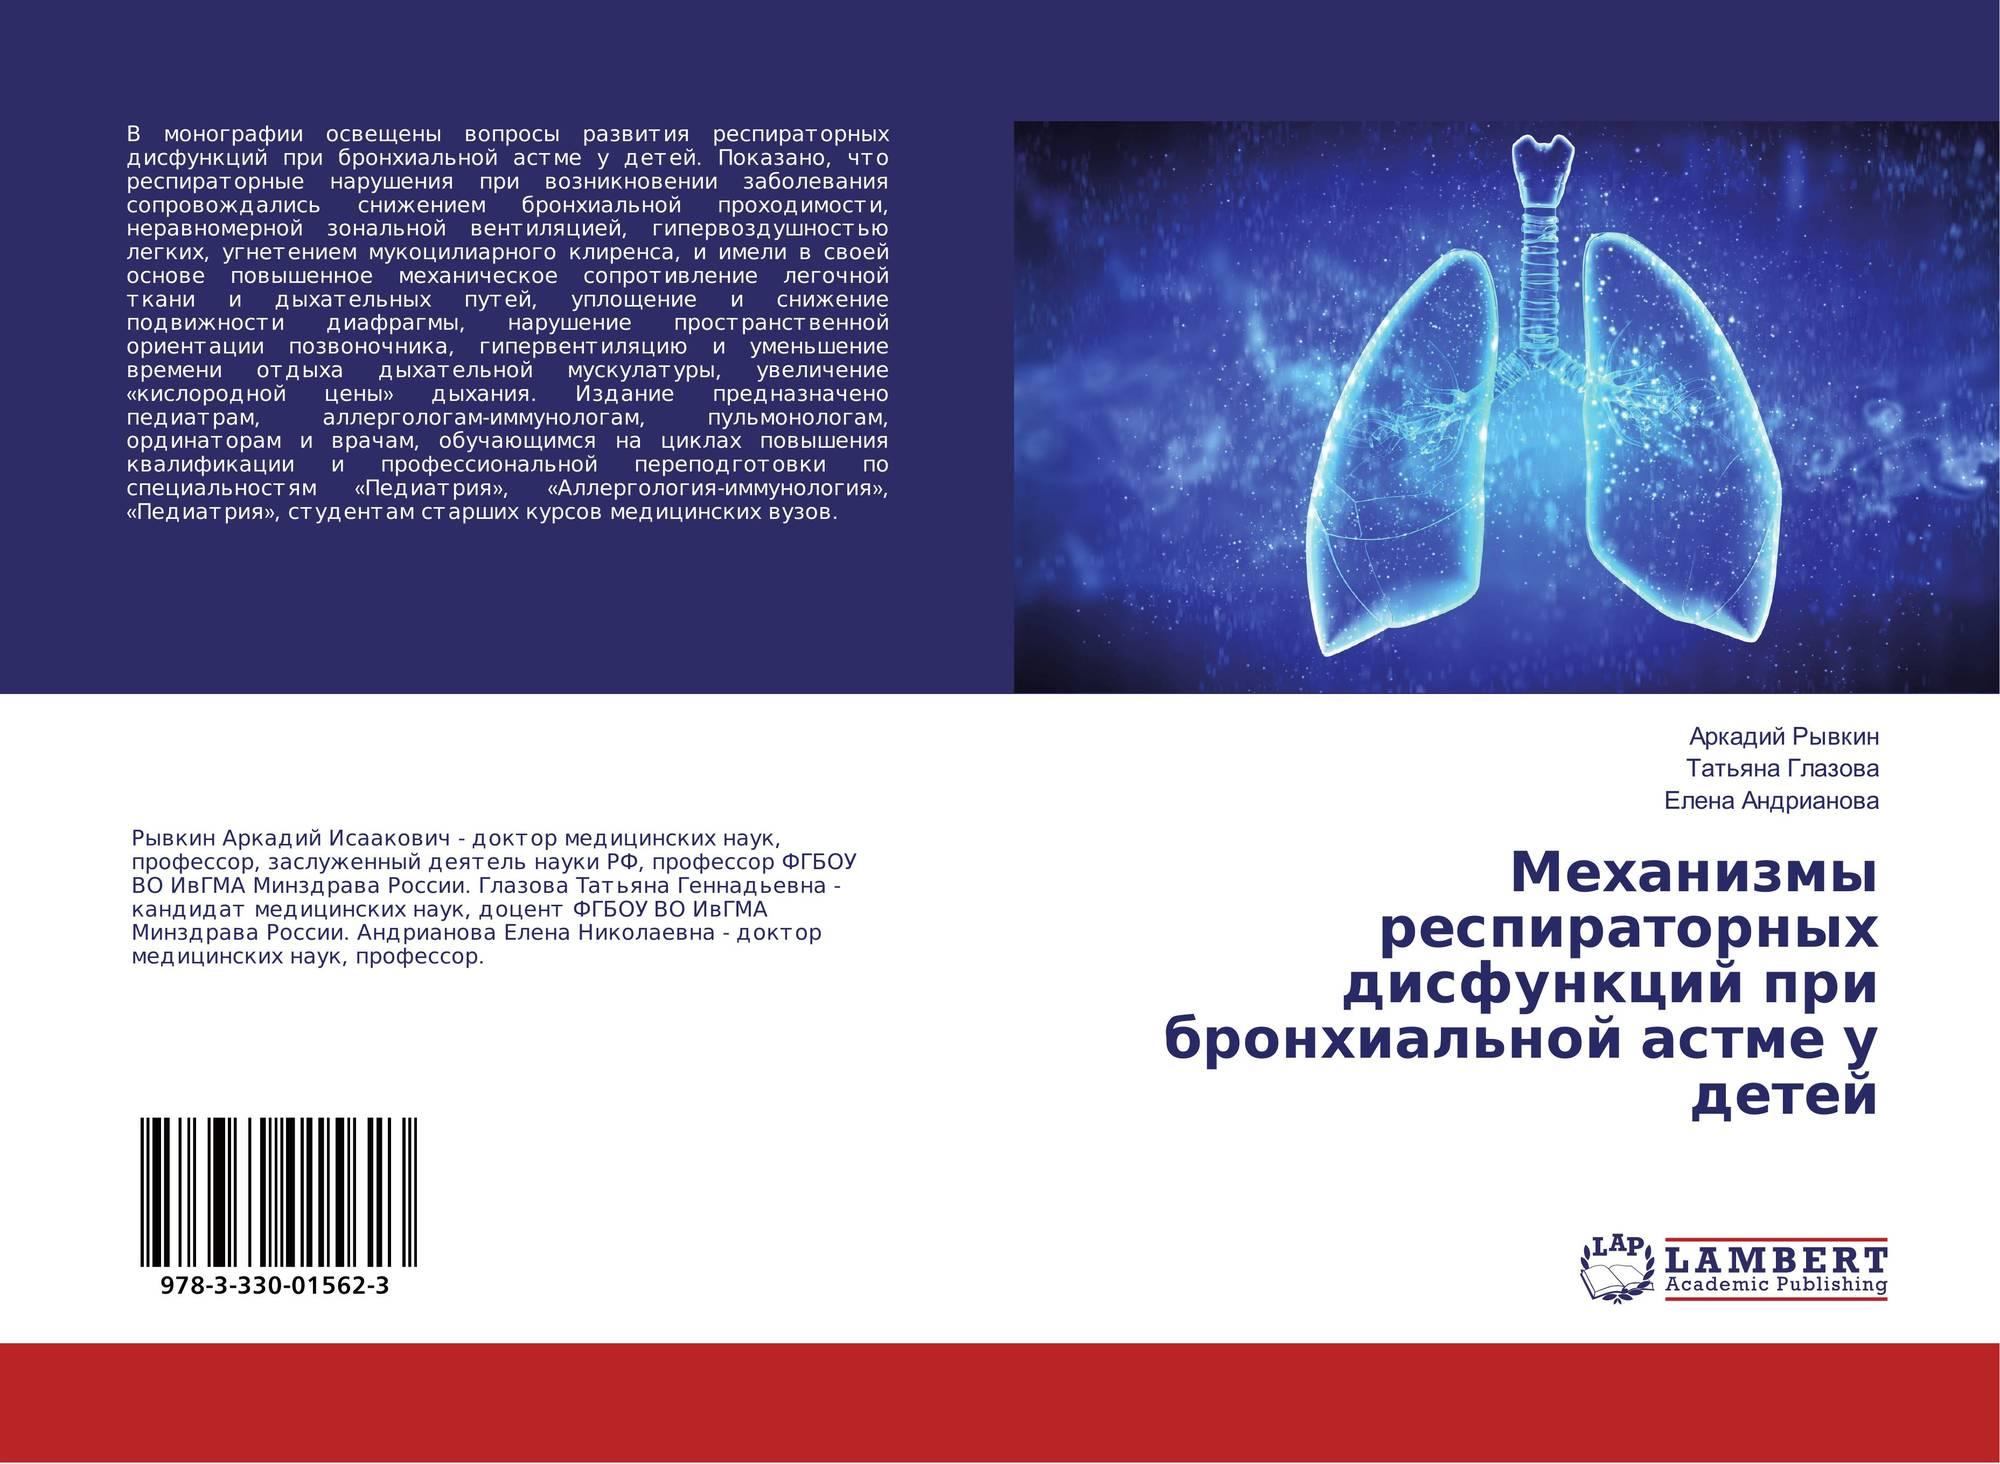 ксолар при бронхиальной астме